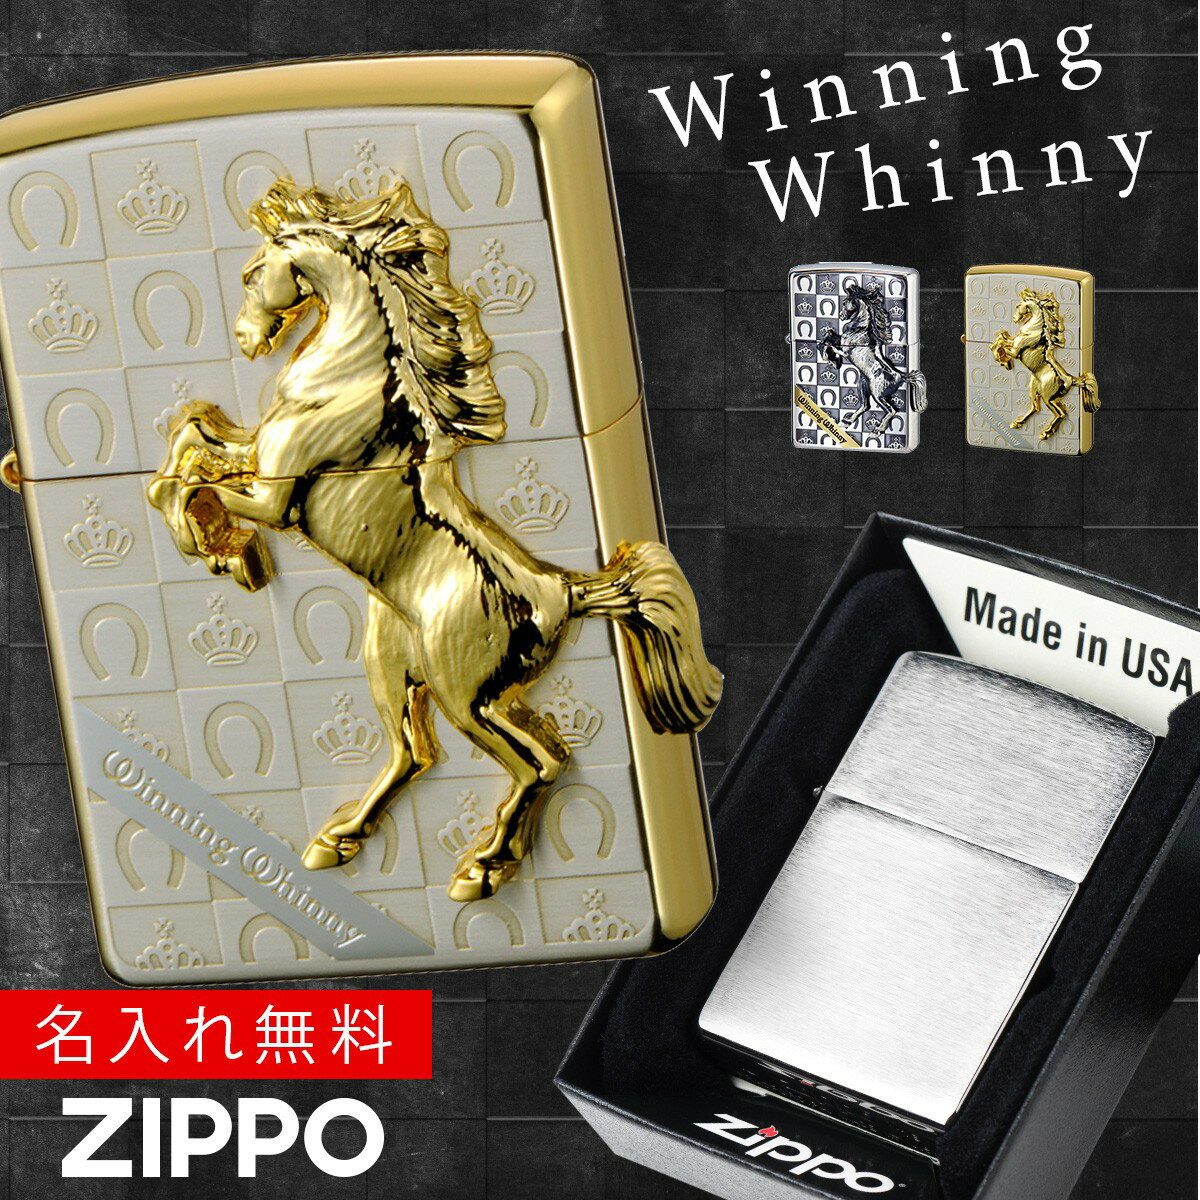 zippo ジッポーライター 馬 ウィニングウィニーグランドクラウンSV オイルライター ジッポライター 彼氏 男性 メンズ クリスマス ギフト プレゼント 贈り物 喫煙具